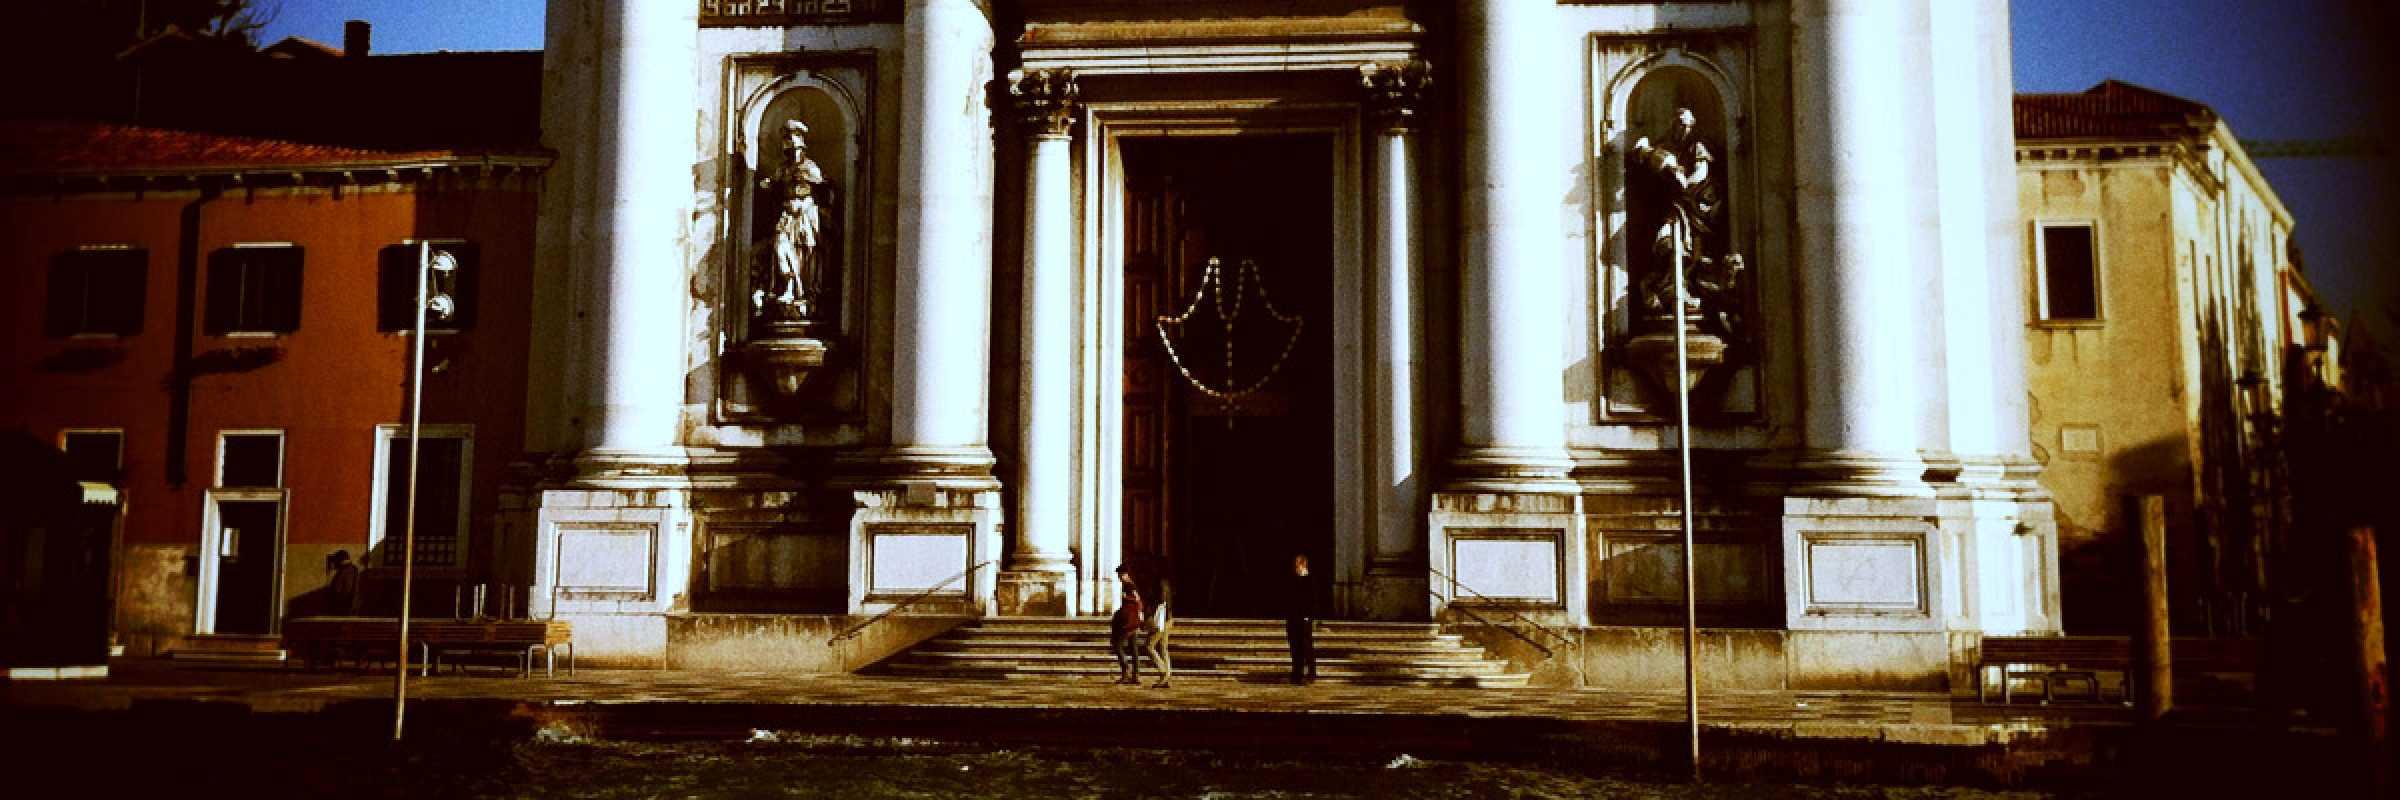 L'entrata alla chiesa dei Gesuati.